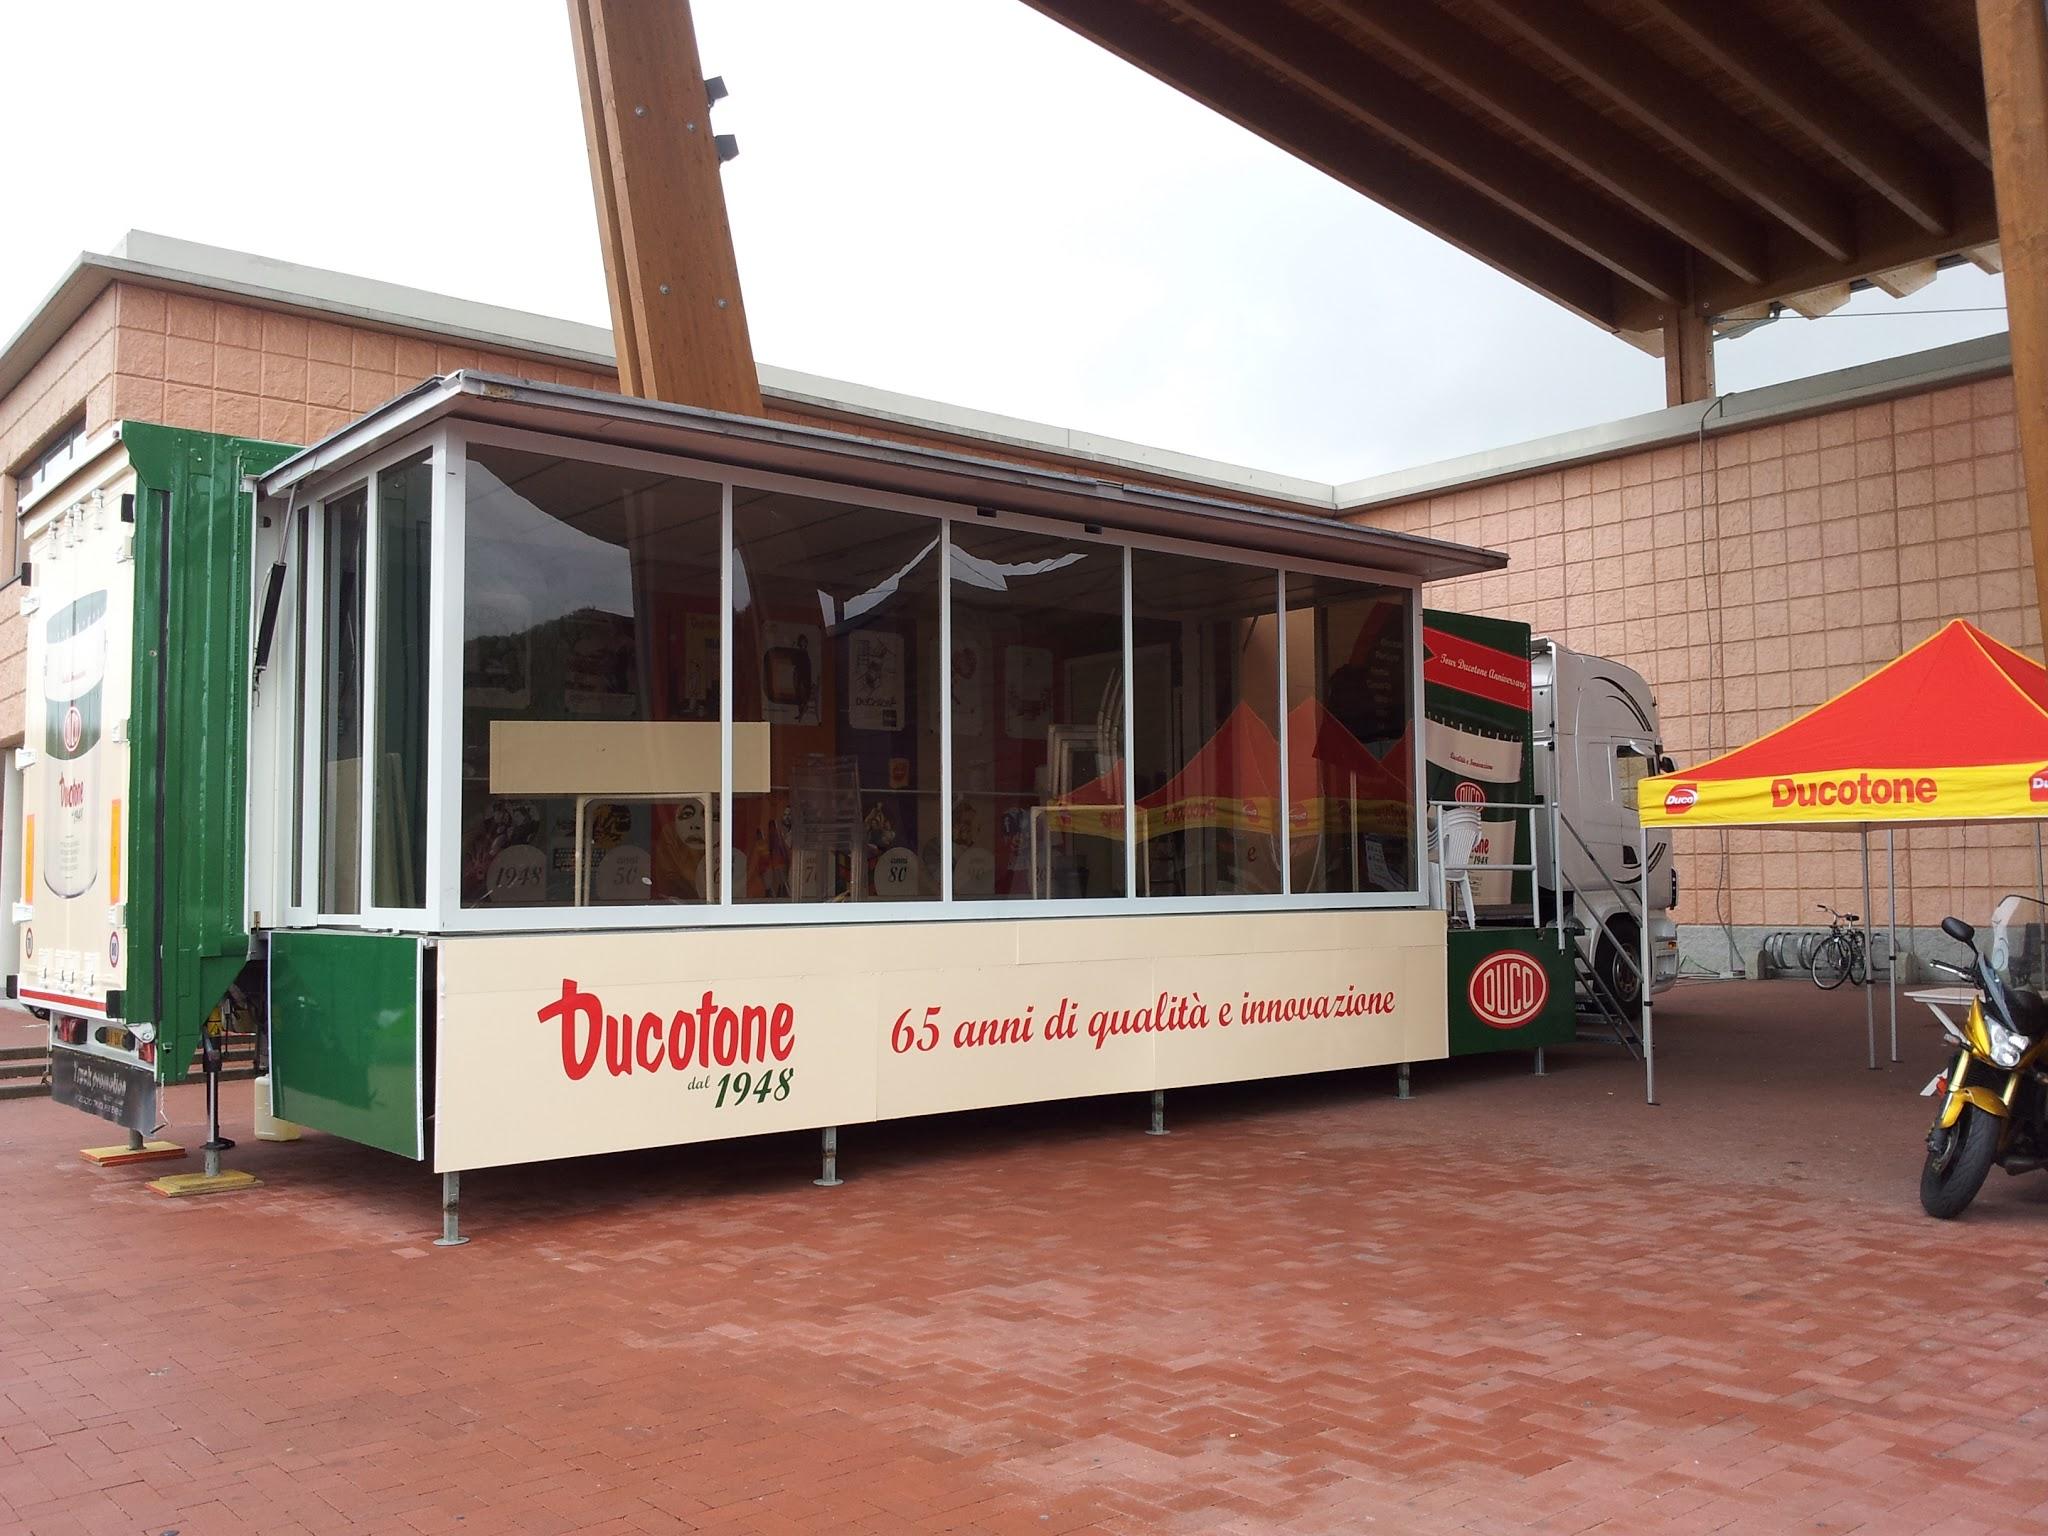 truck tour ducotone